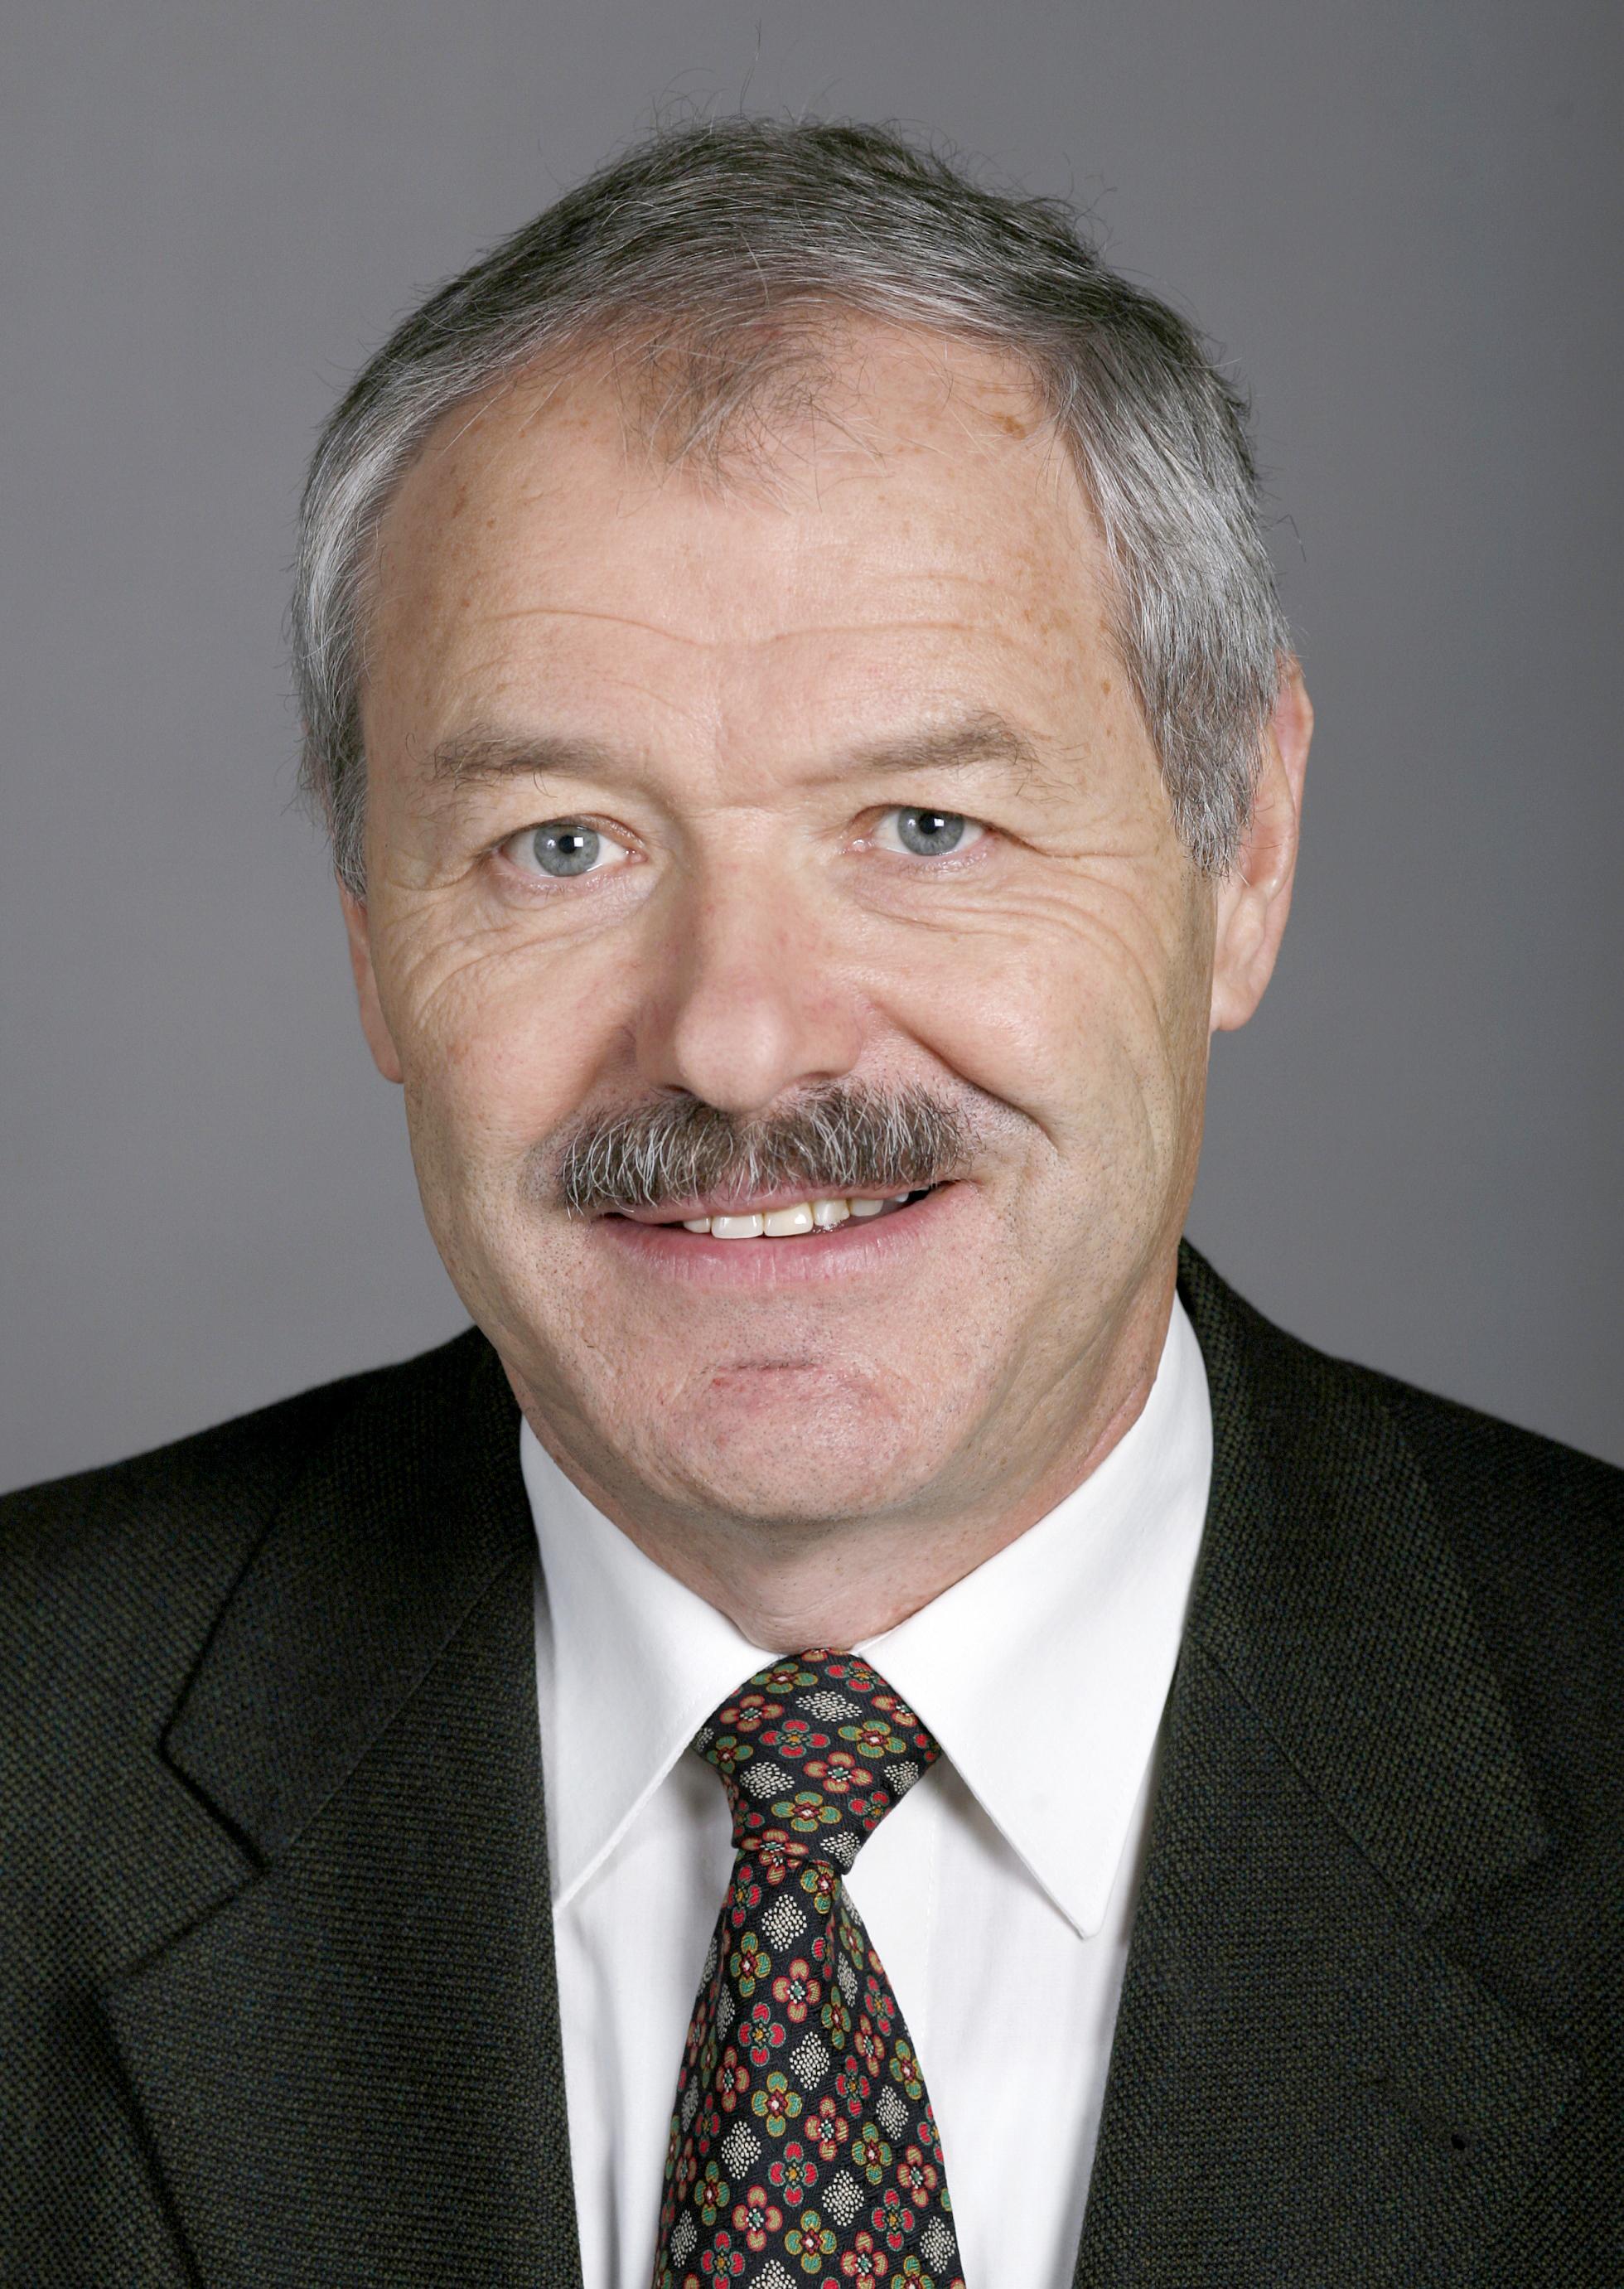 Peter Bieri Net Worth